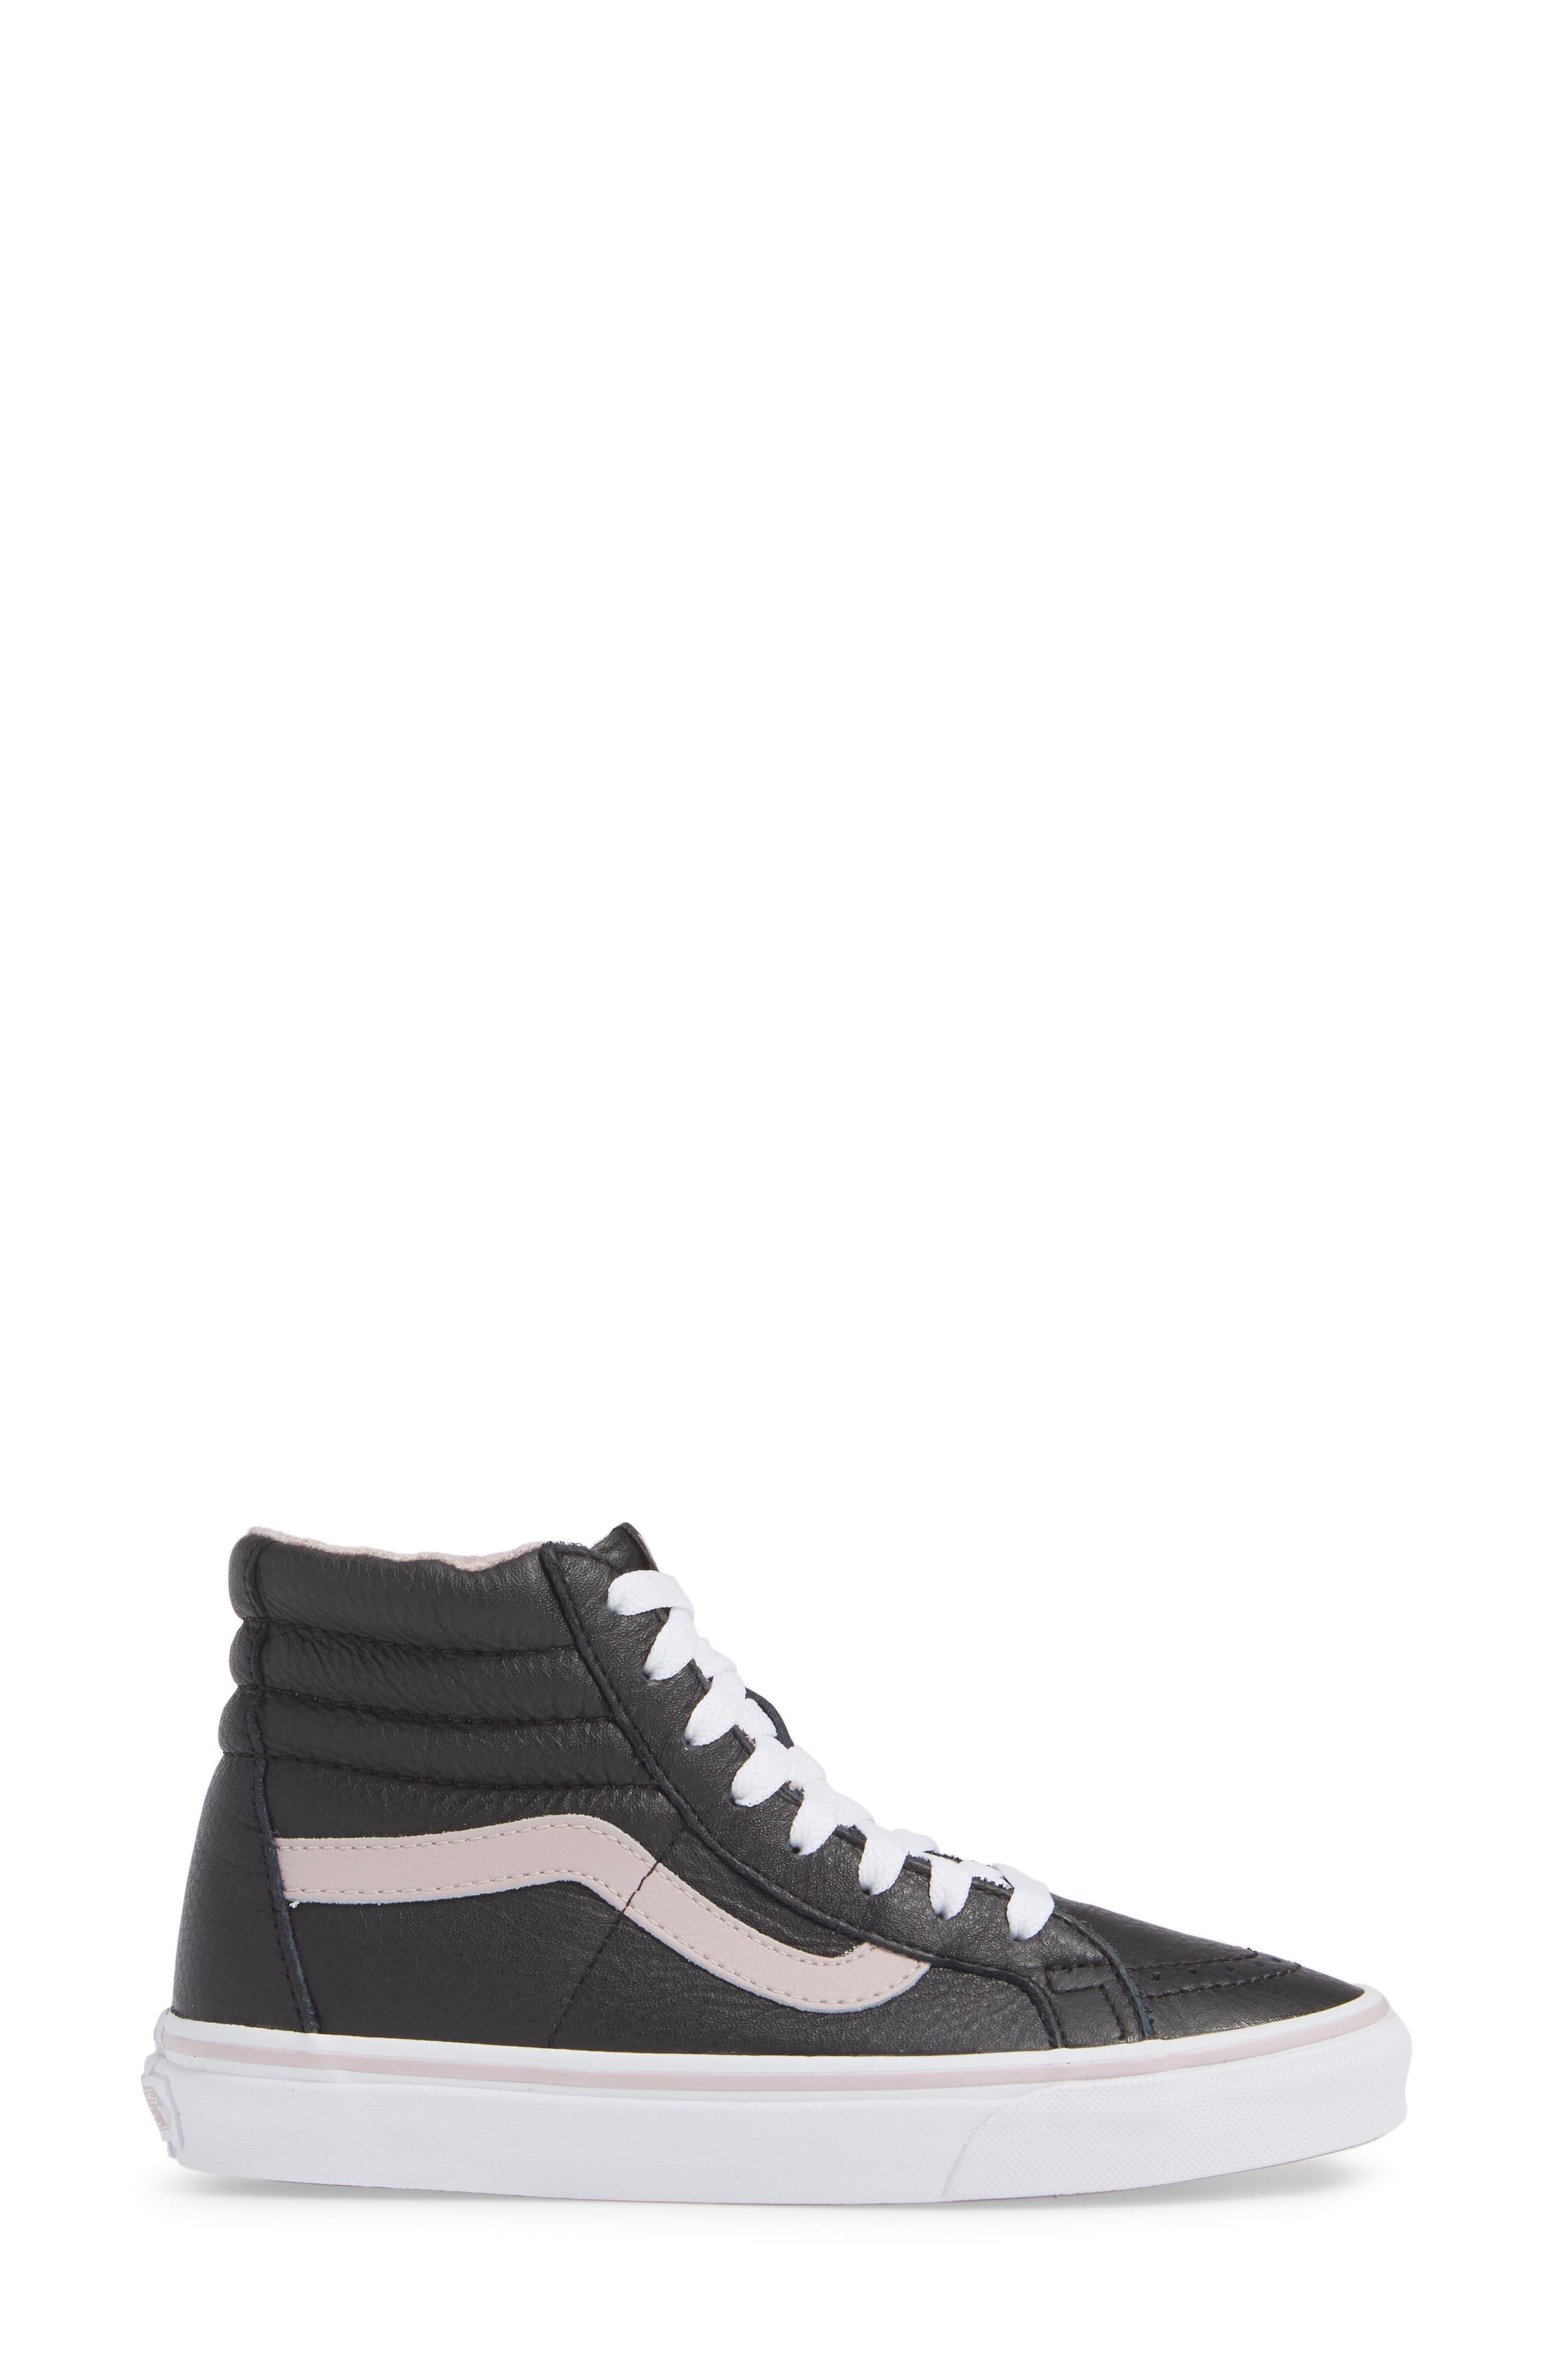 VANS,                             Sk8-Hi Reissue Sneaker,                             Alternate thumbnail 3, color,                             001